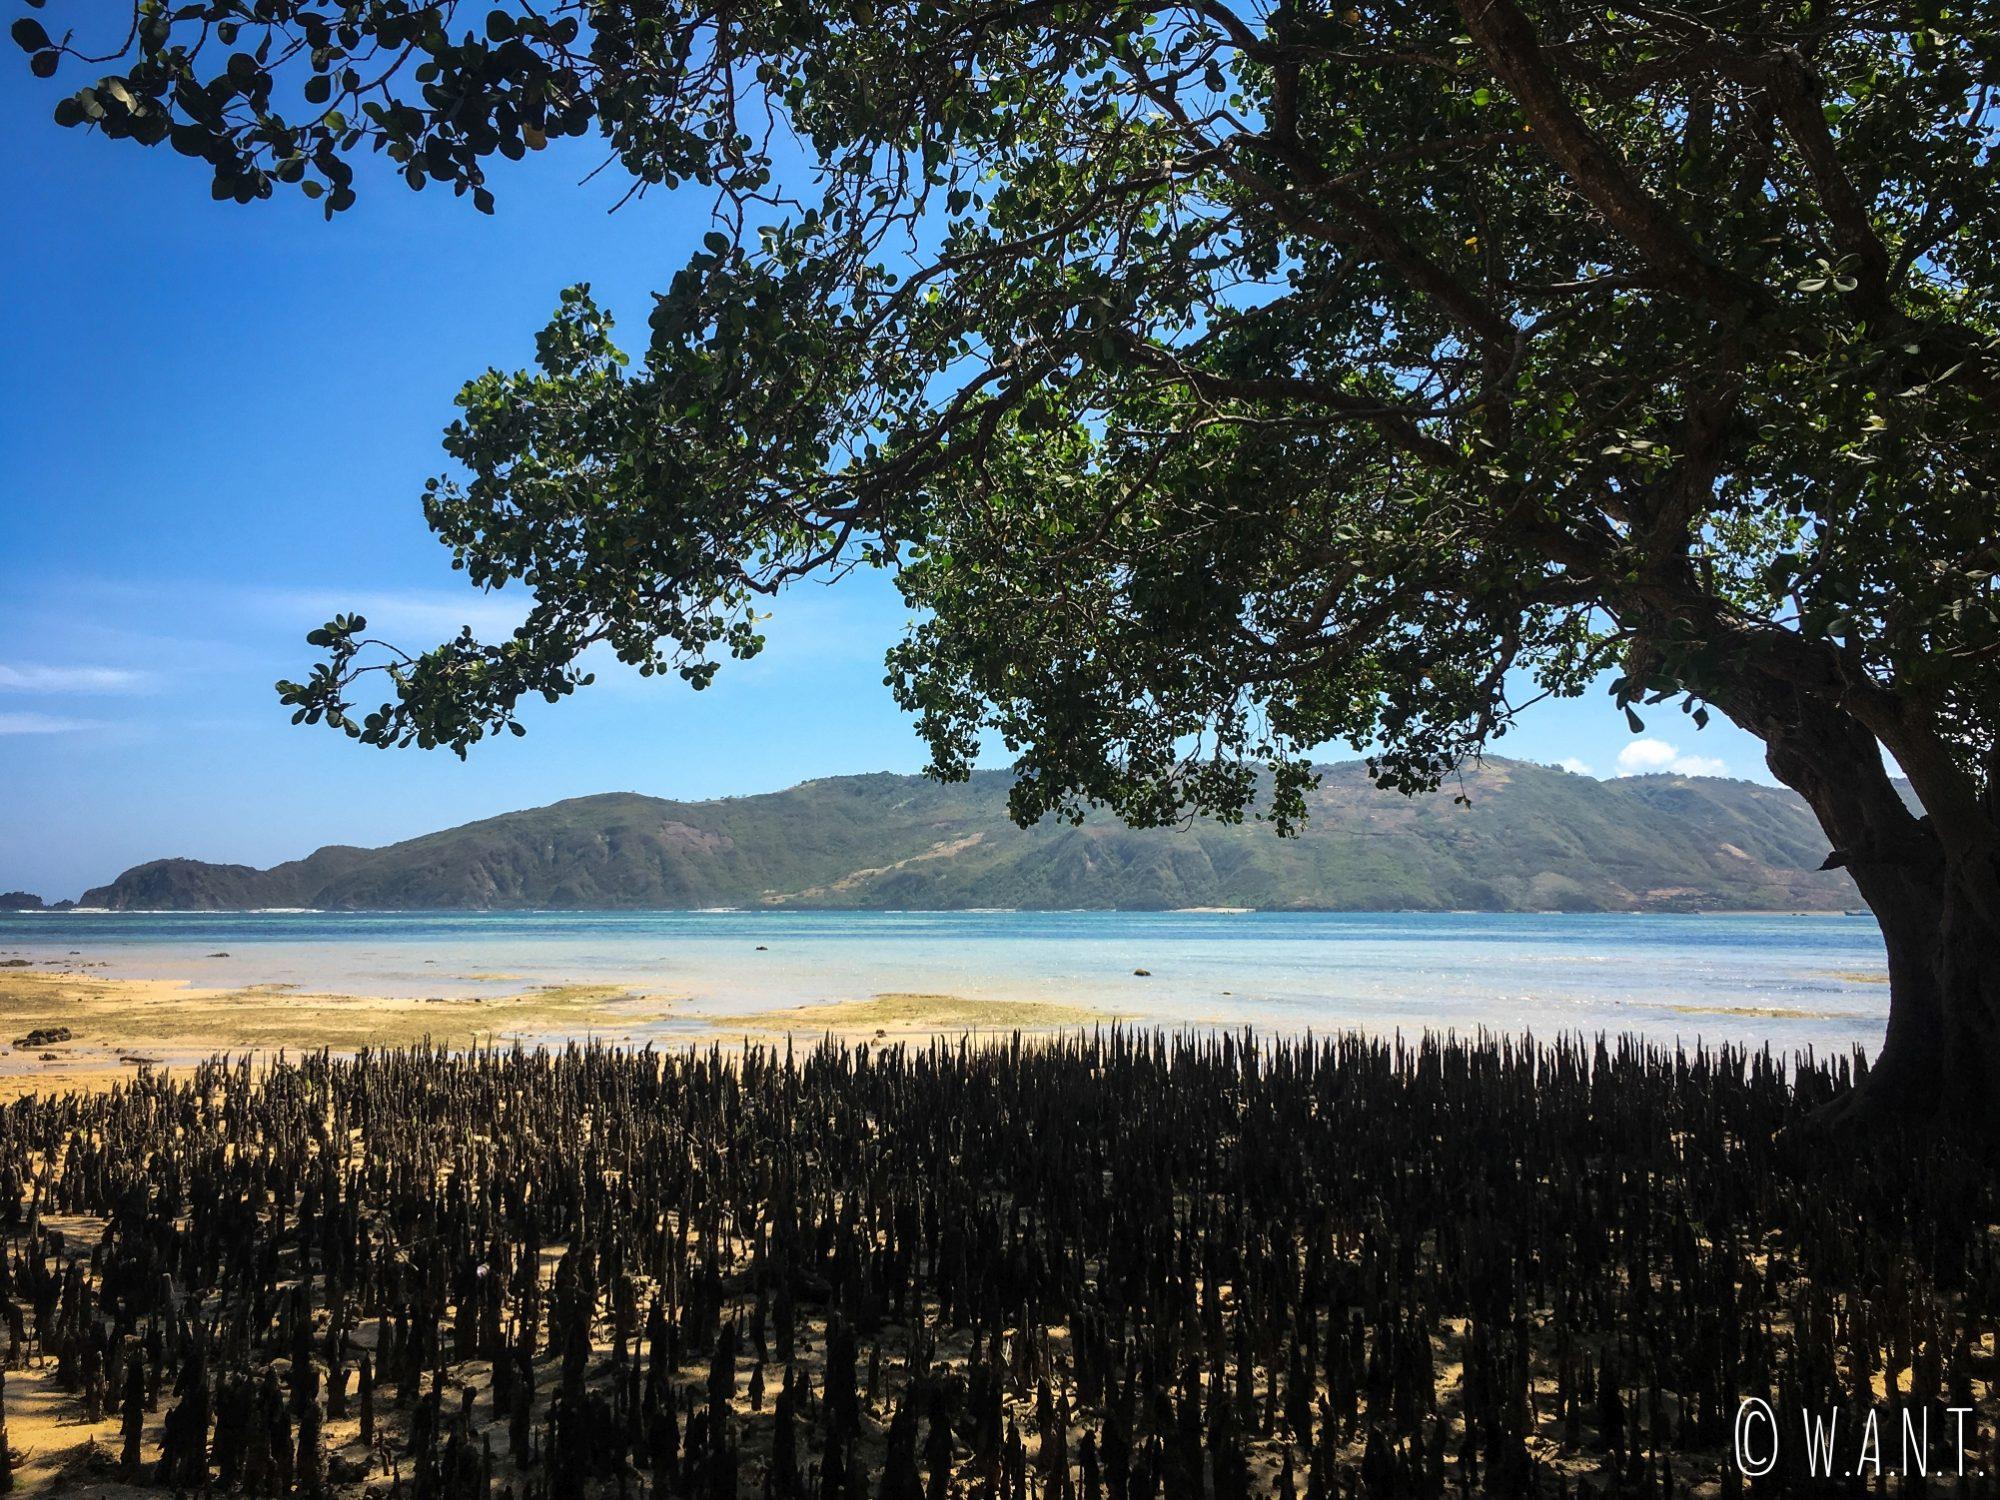 Mangrove sur la plage de Kuta Lombok